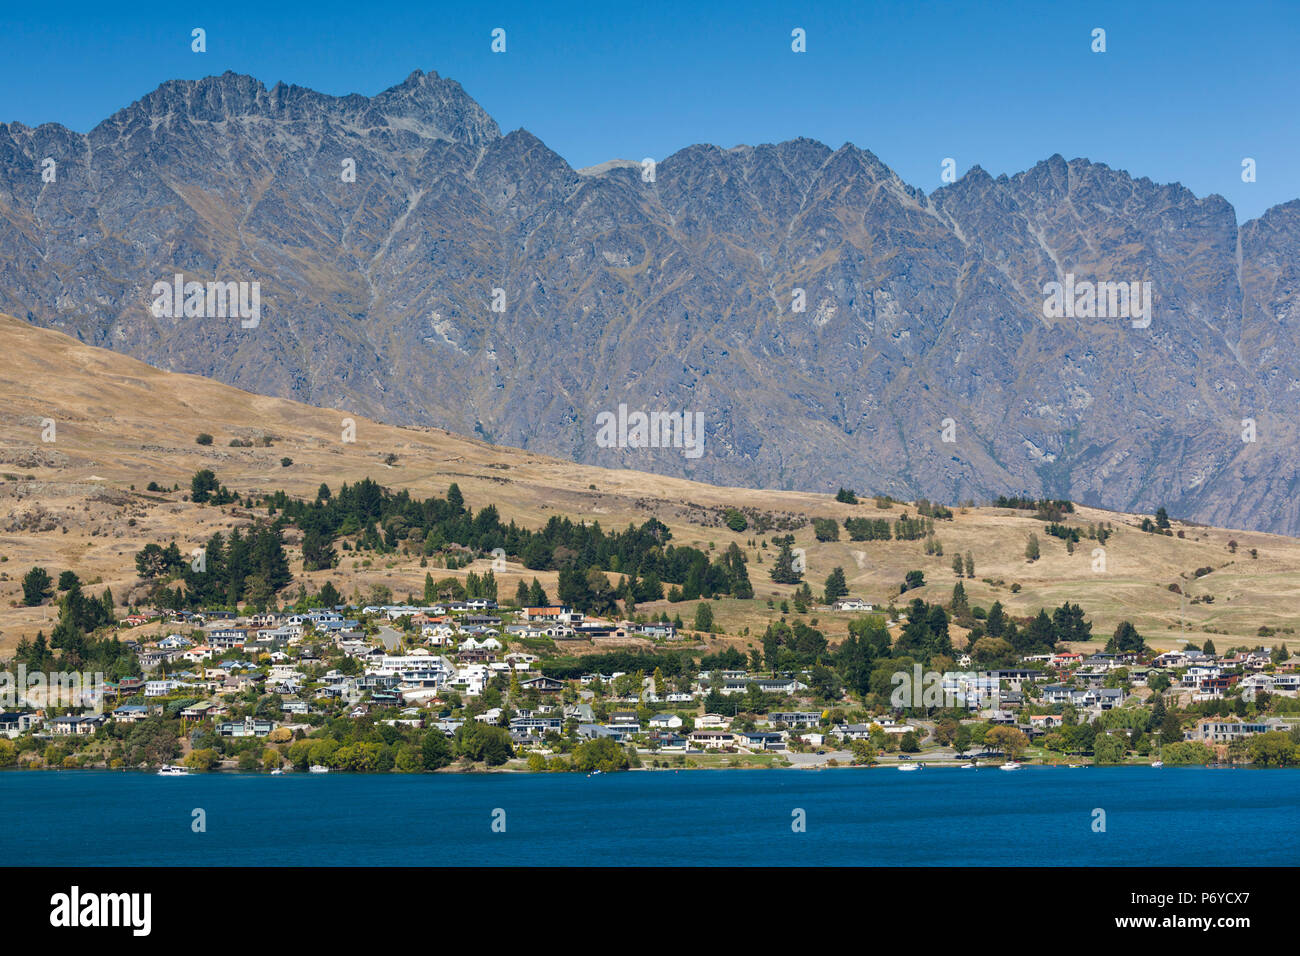 Nouvelle Zélande, île du Sud, de l'Otago, Queenstown, vue sur la ville avec les Montagnes Remarkables Banque D'Images